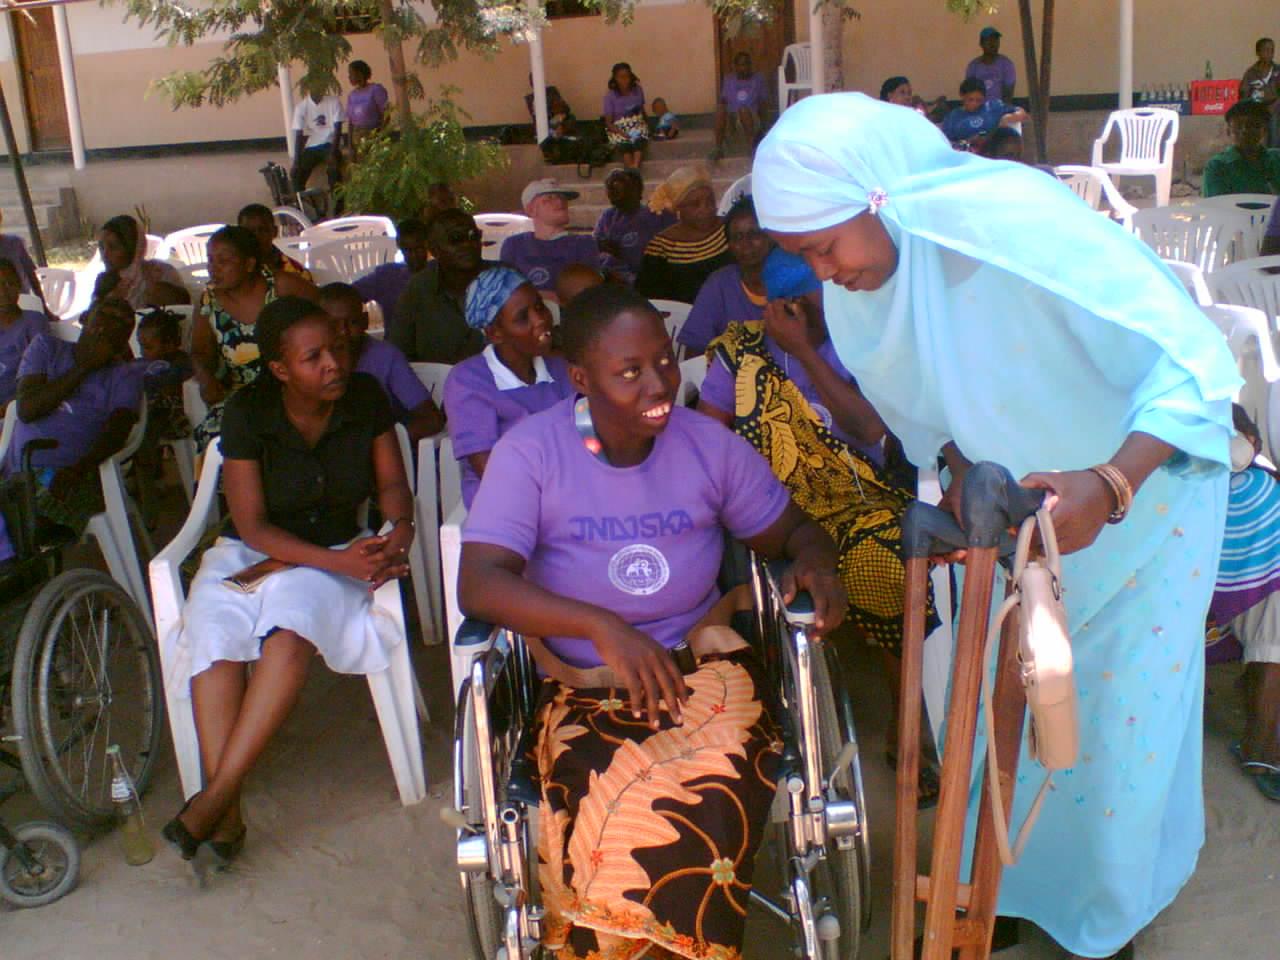 Picha Za Wasenge http://wenyeimani.blogspot.com/2011/07/msaada-kwa